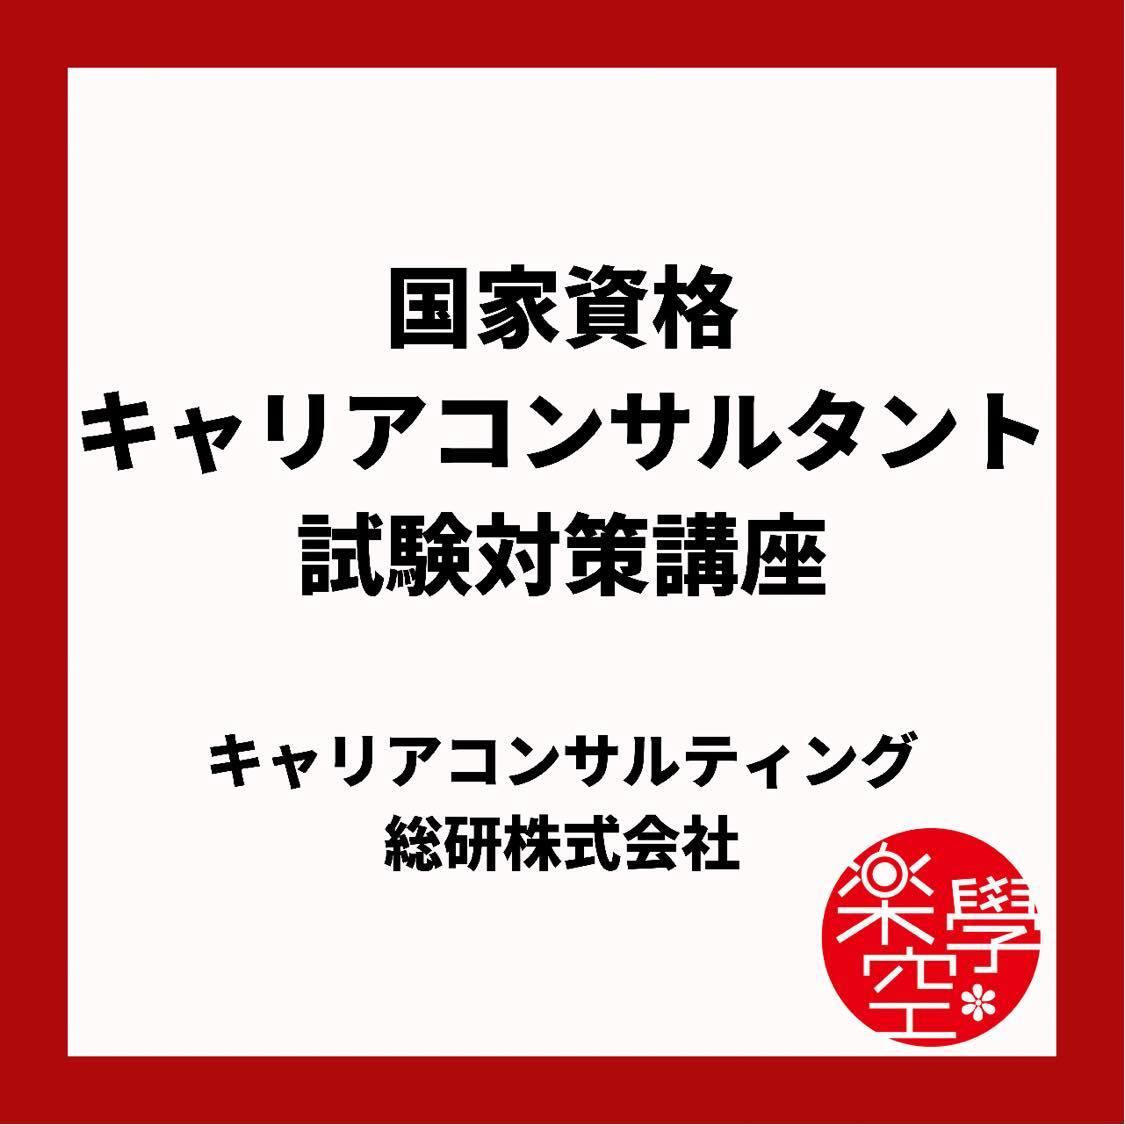 キャリアコンサルティング総研株式会社